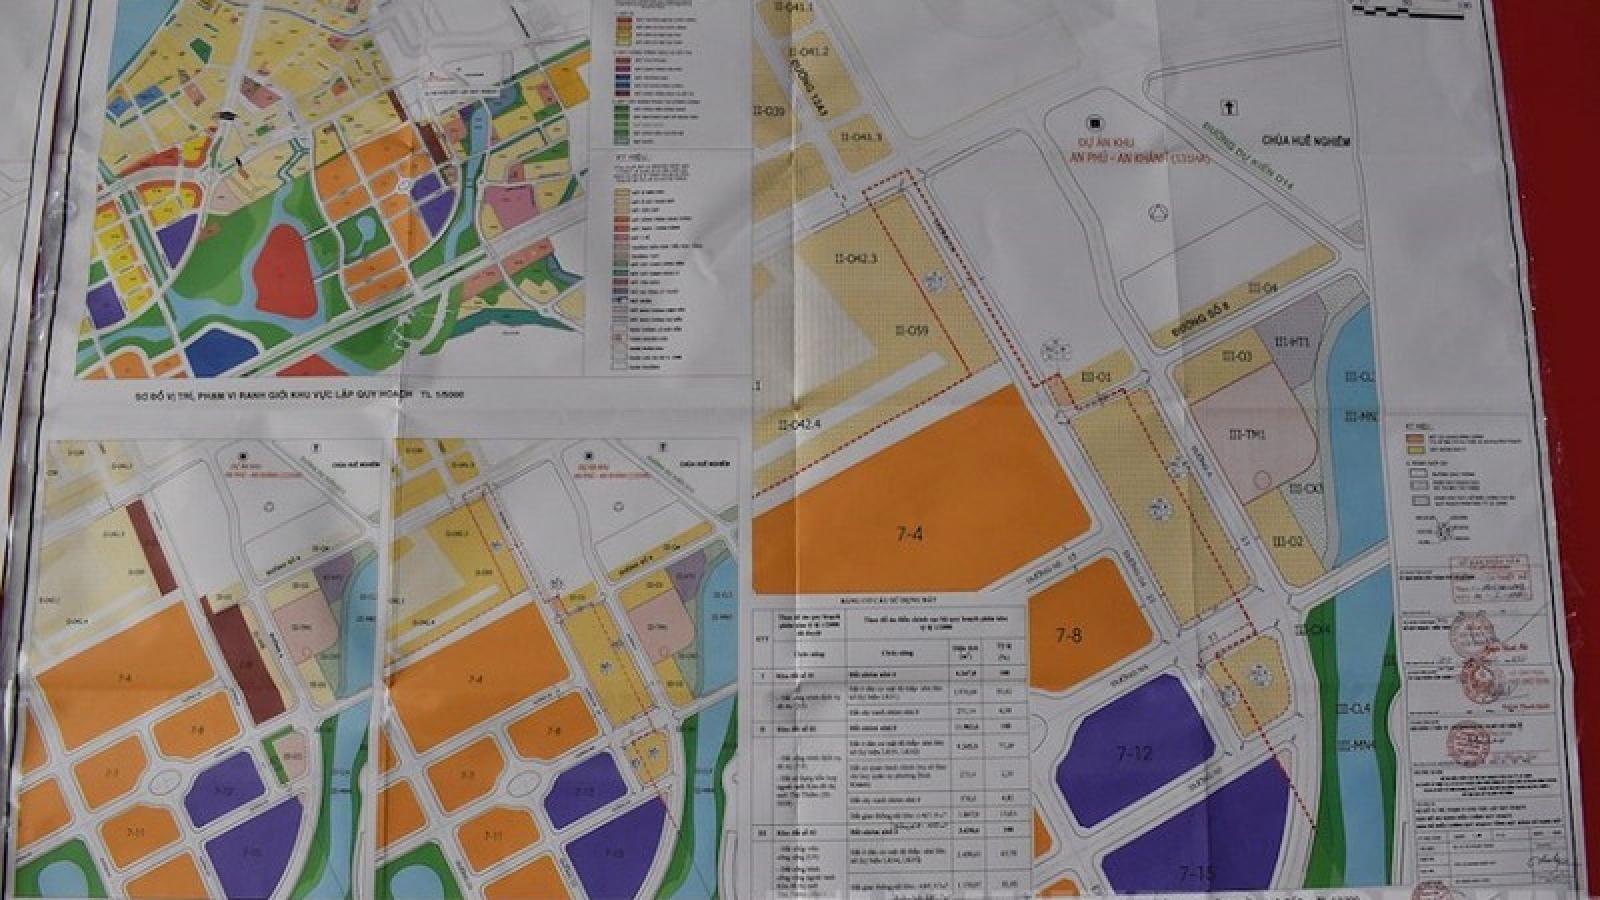 TPHCM công bố đồ án điều chỉnh quy hoạch nền đất tái định cư Thủ Thiêm